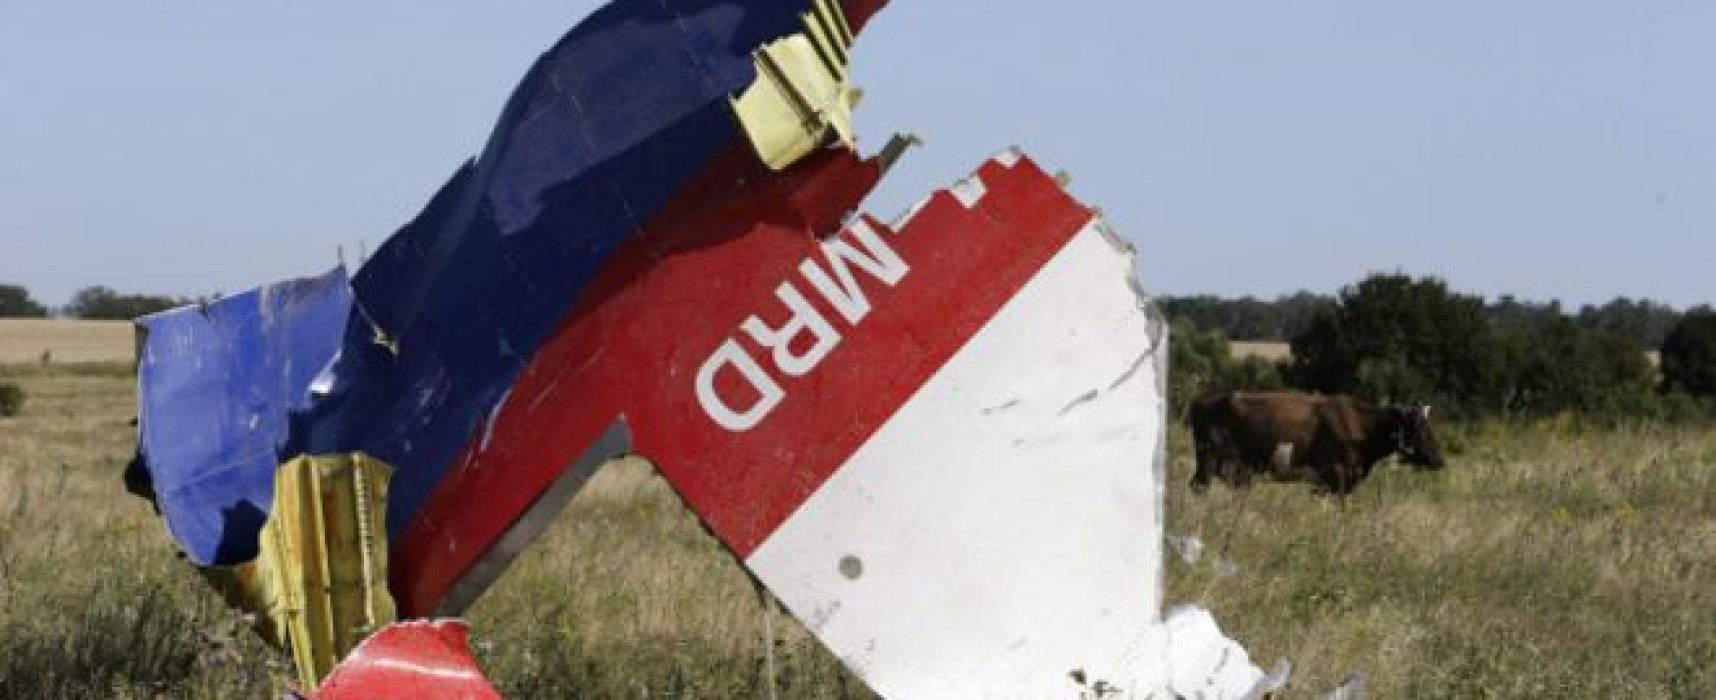 «Теории заговора: кто сбил рейс MH17». Фильм ВВС Two с русской озвучкой